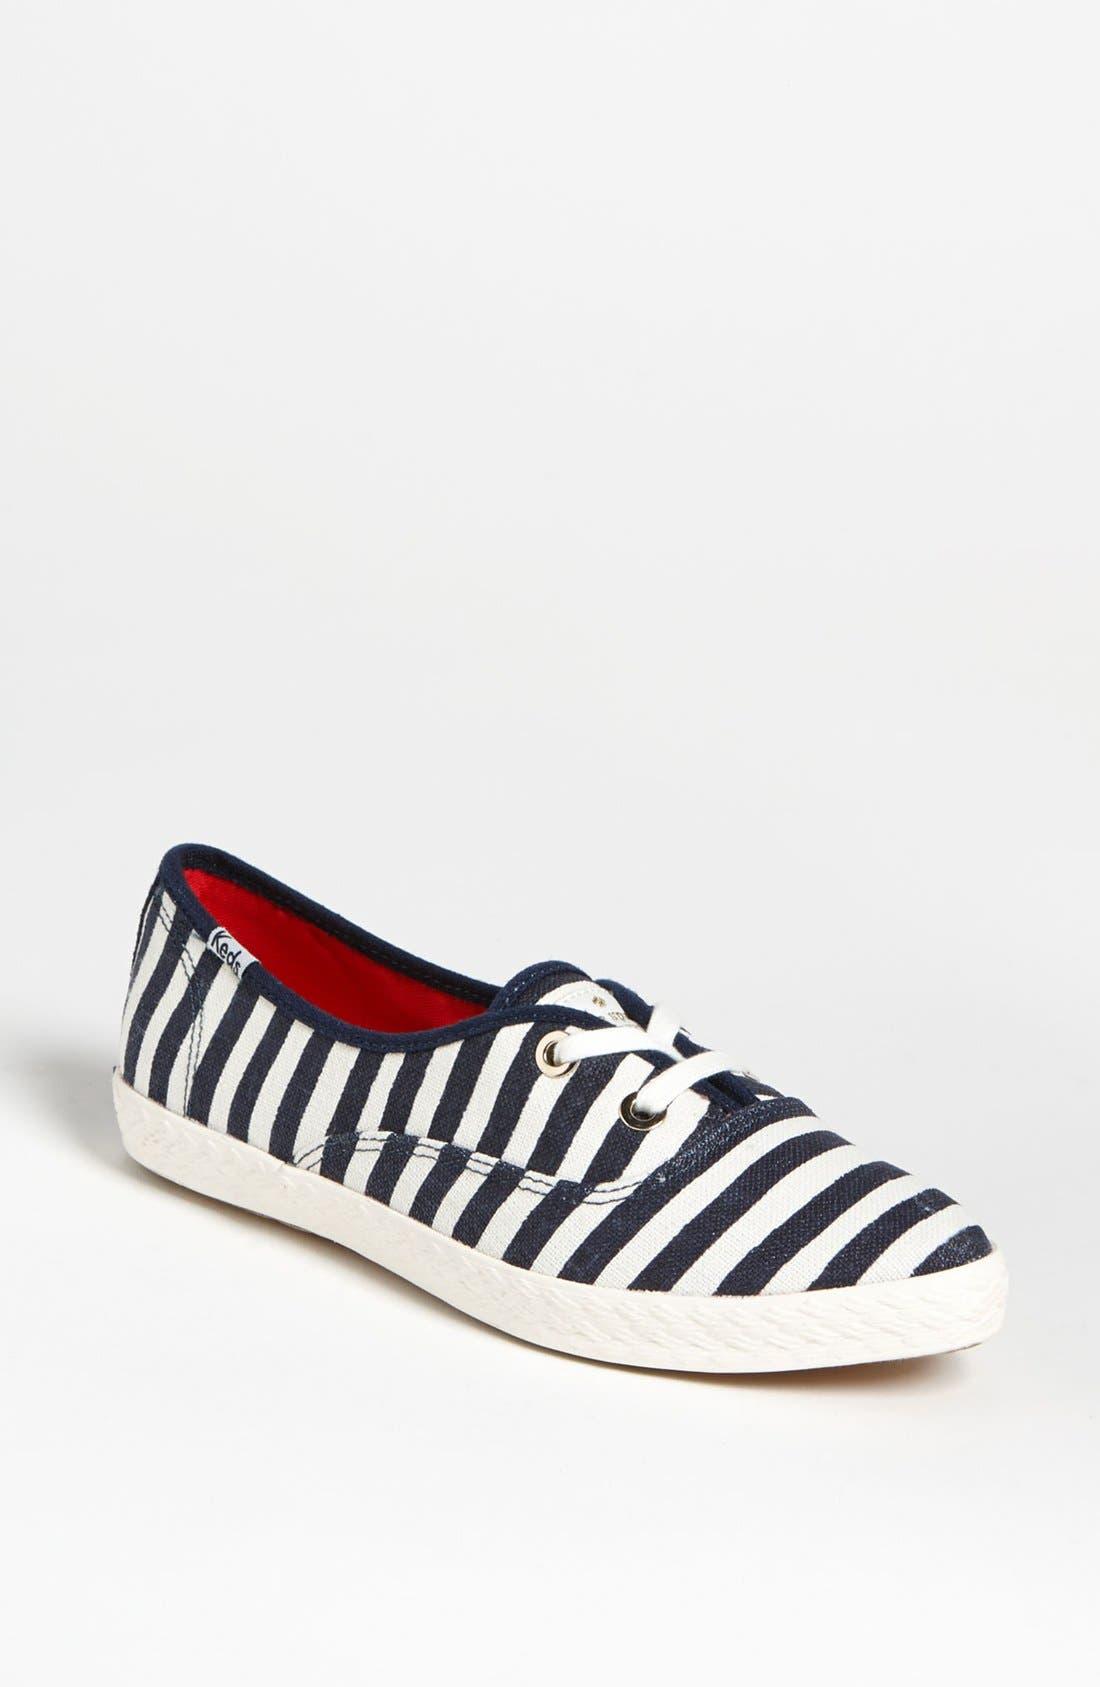 Alternate Image 1 Selected - Keds® for kate spade new york 'pointer' sneaker